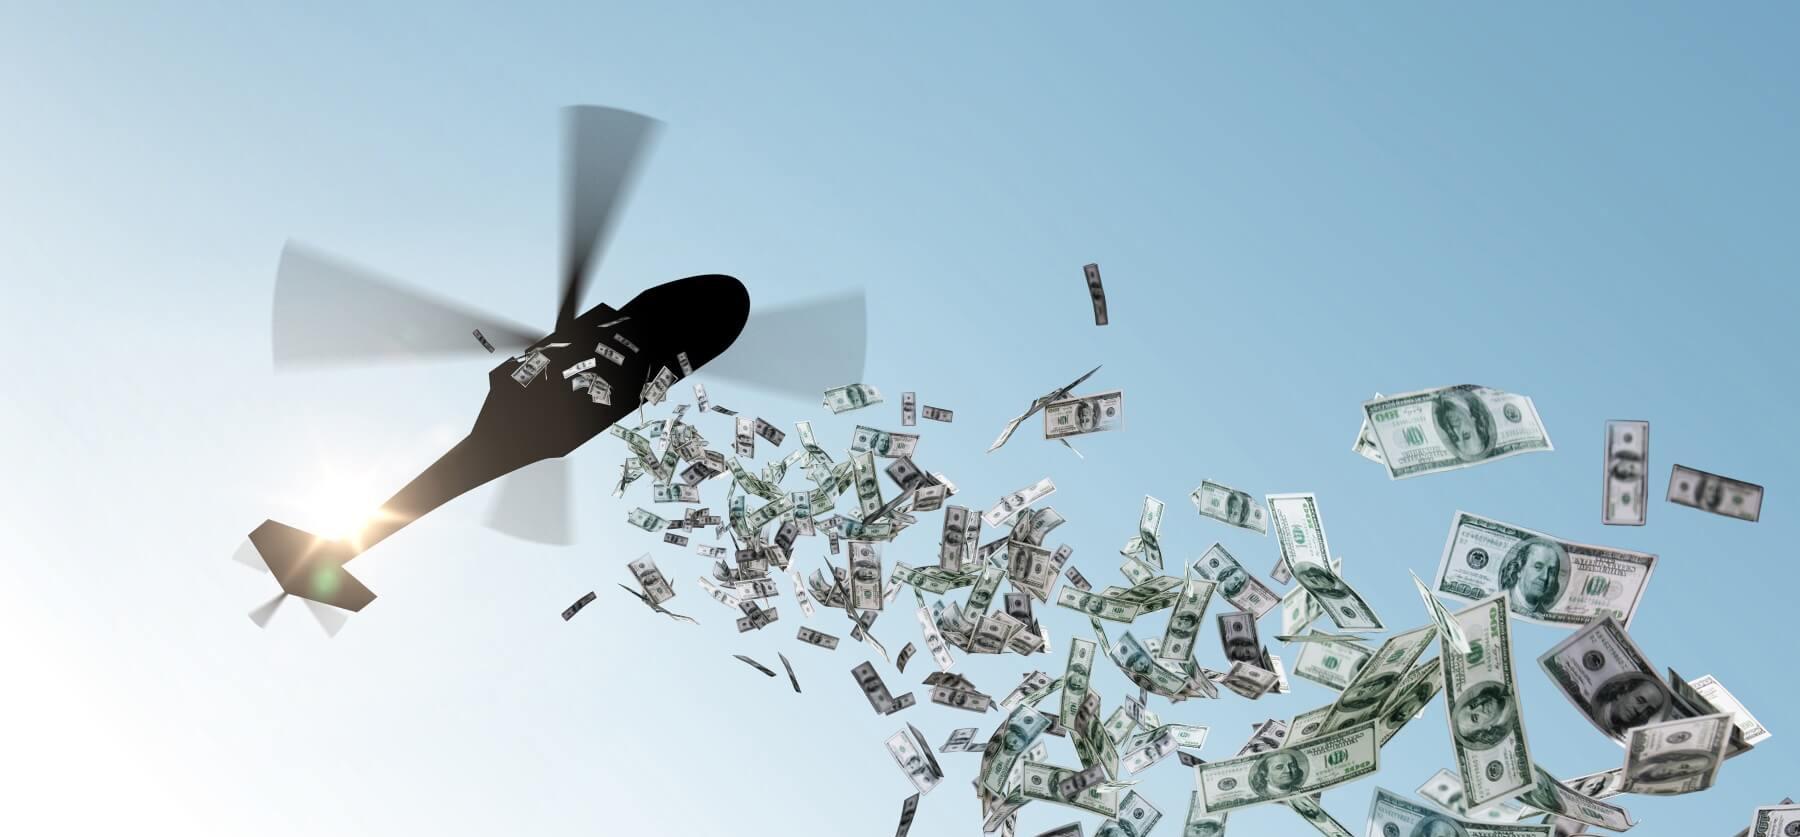 Vai šogad sagaidīsim naudu no debesīm?